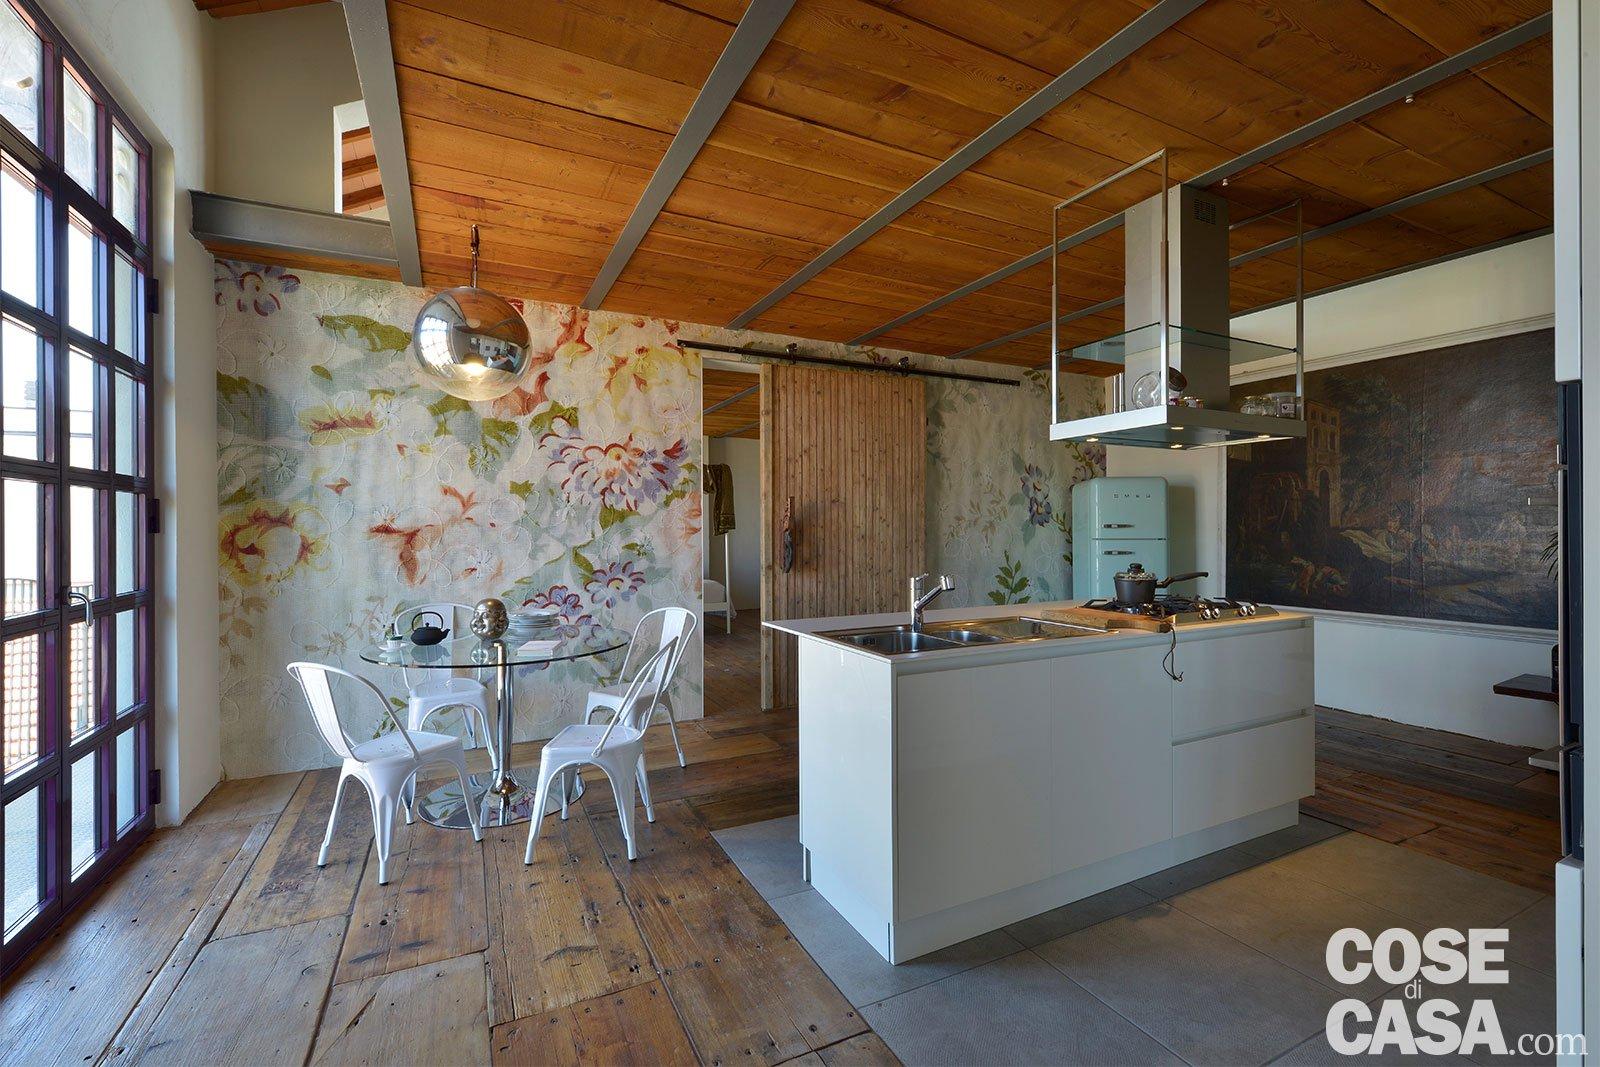 Cose di casa arredamento casa cucine camere bagno for Riviste arredo bagno